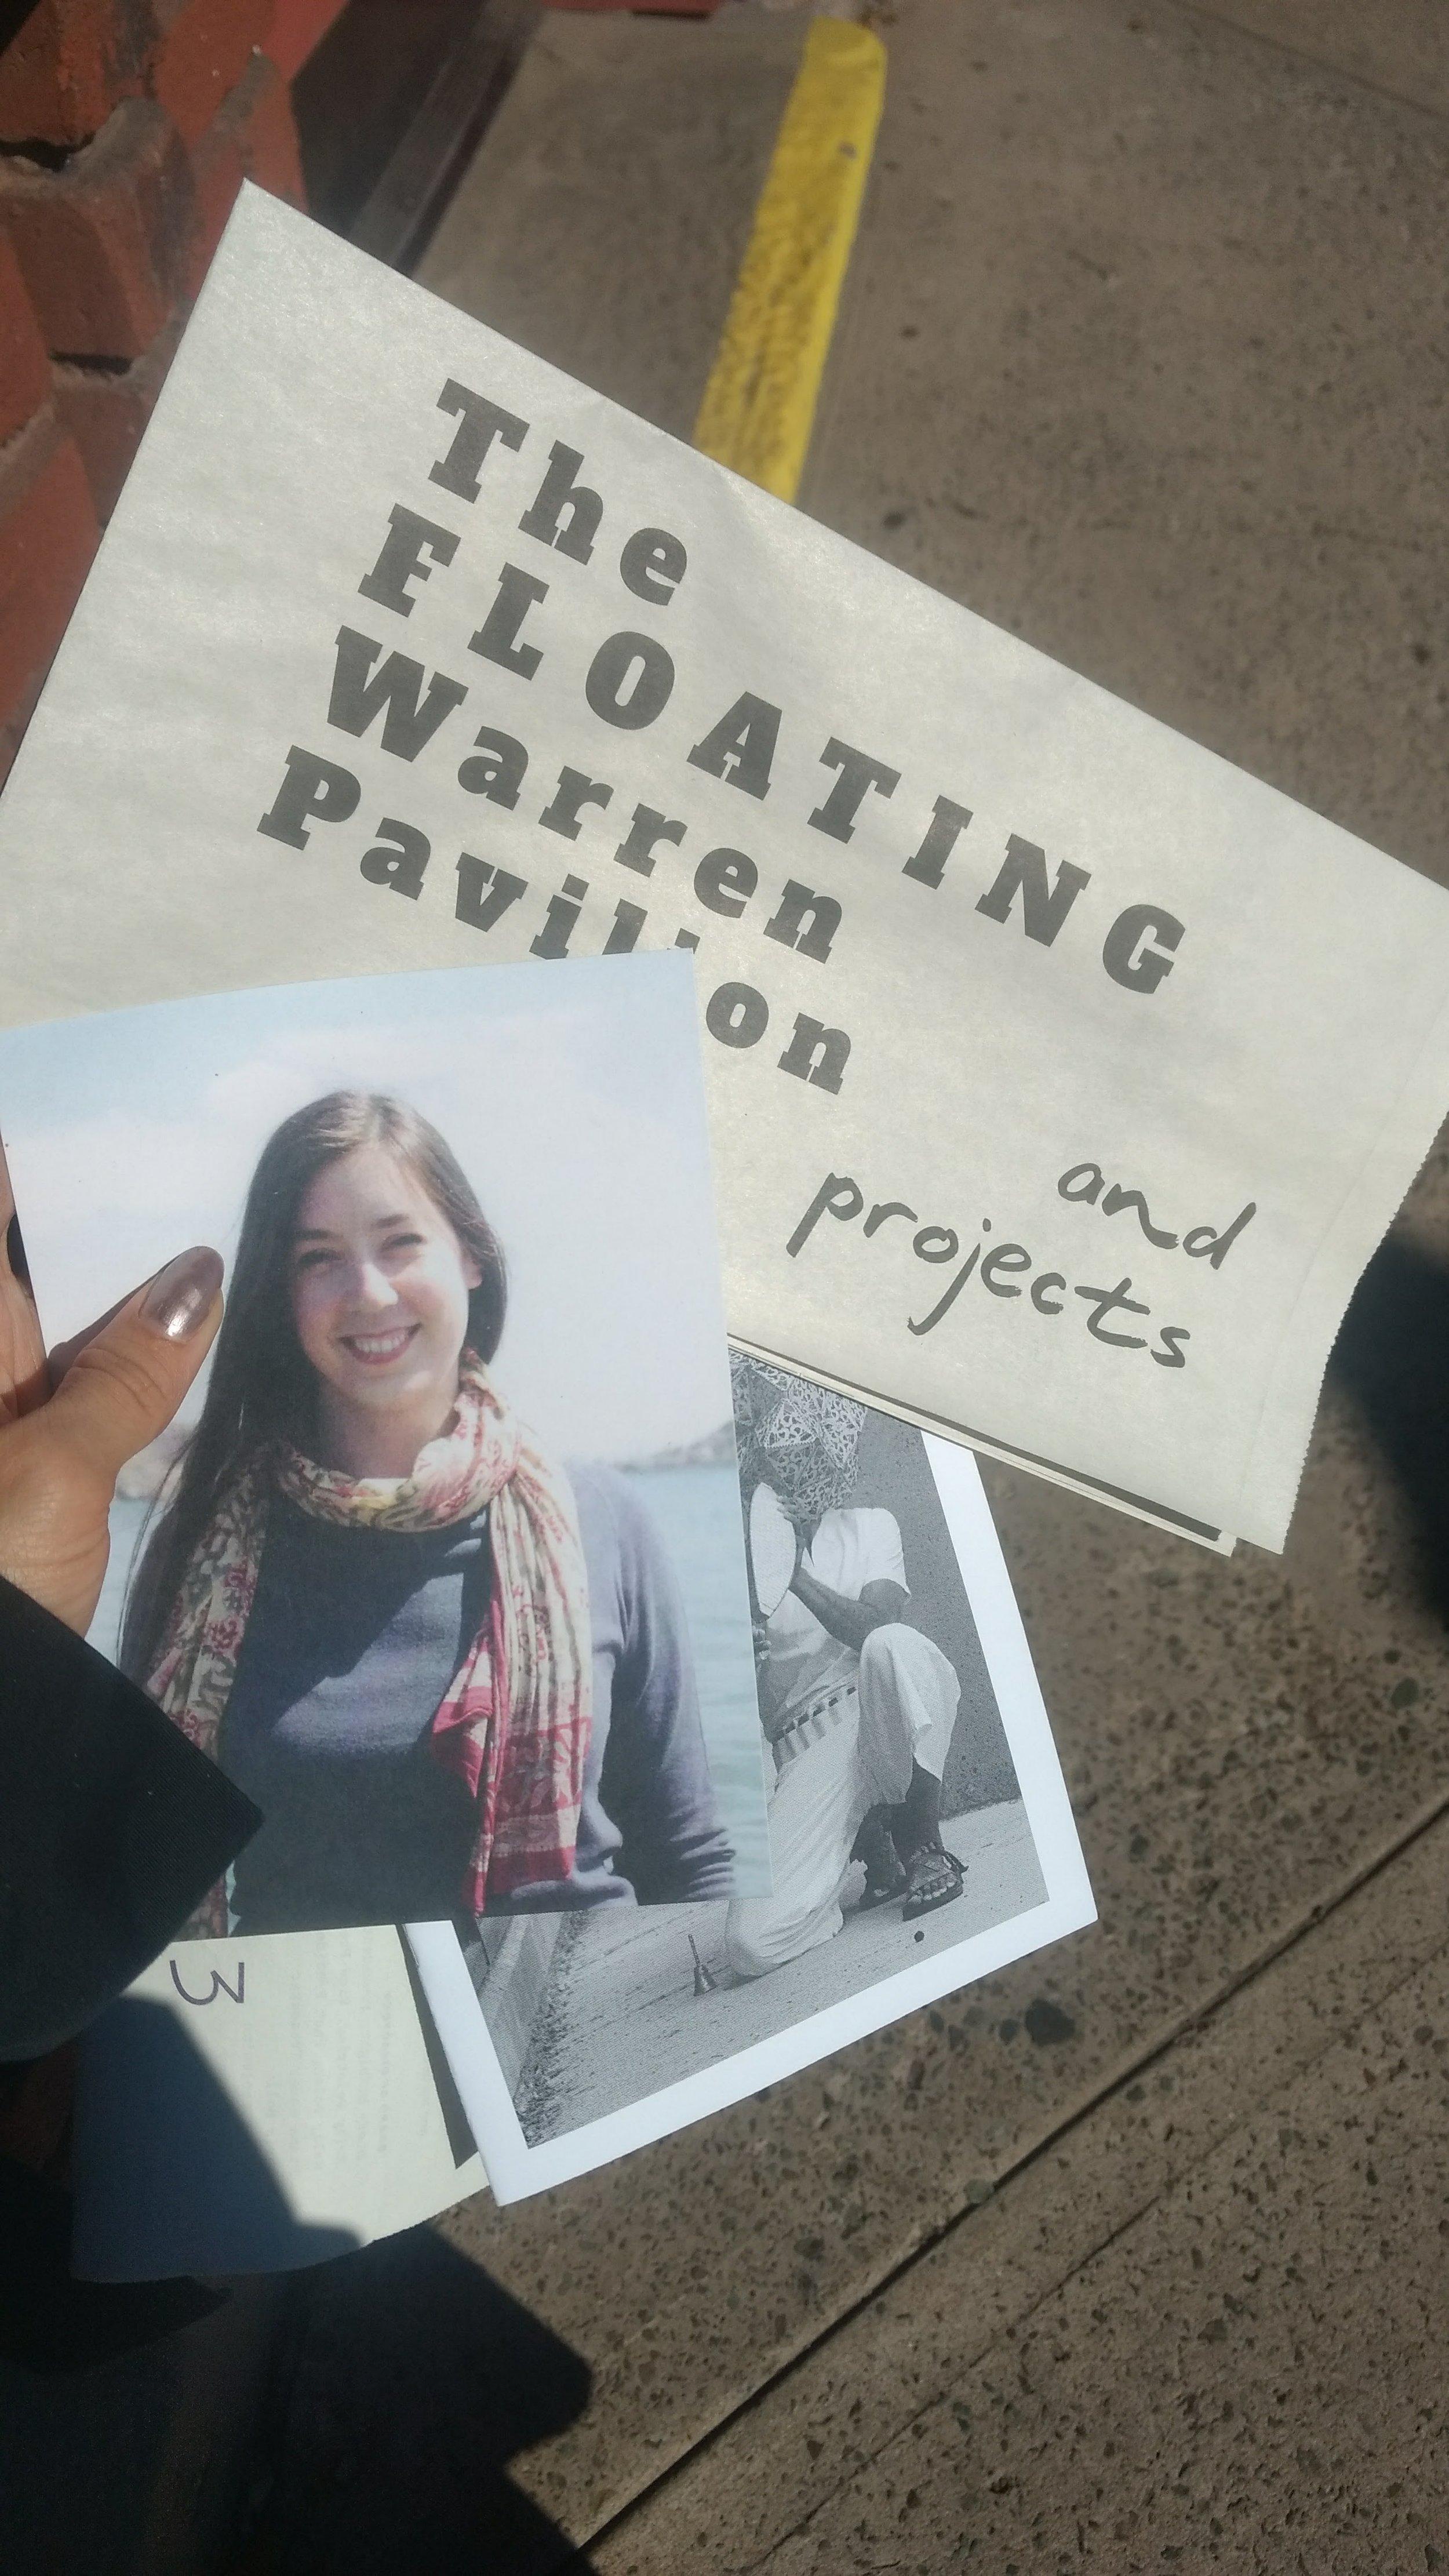 Les matériaux imprimé distribués à Flottille comprenaient une dédicace à Mary MacDonald. Photo: Amanda Shore